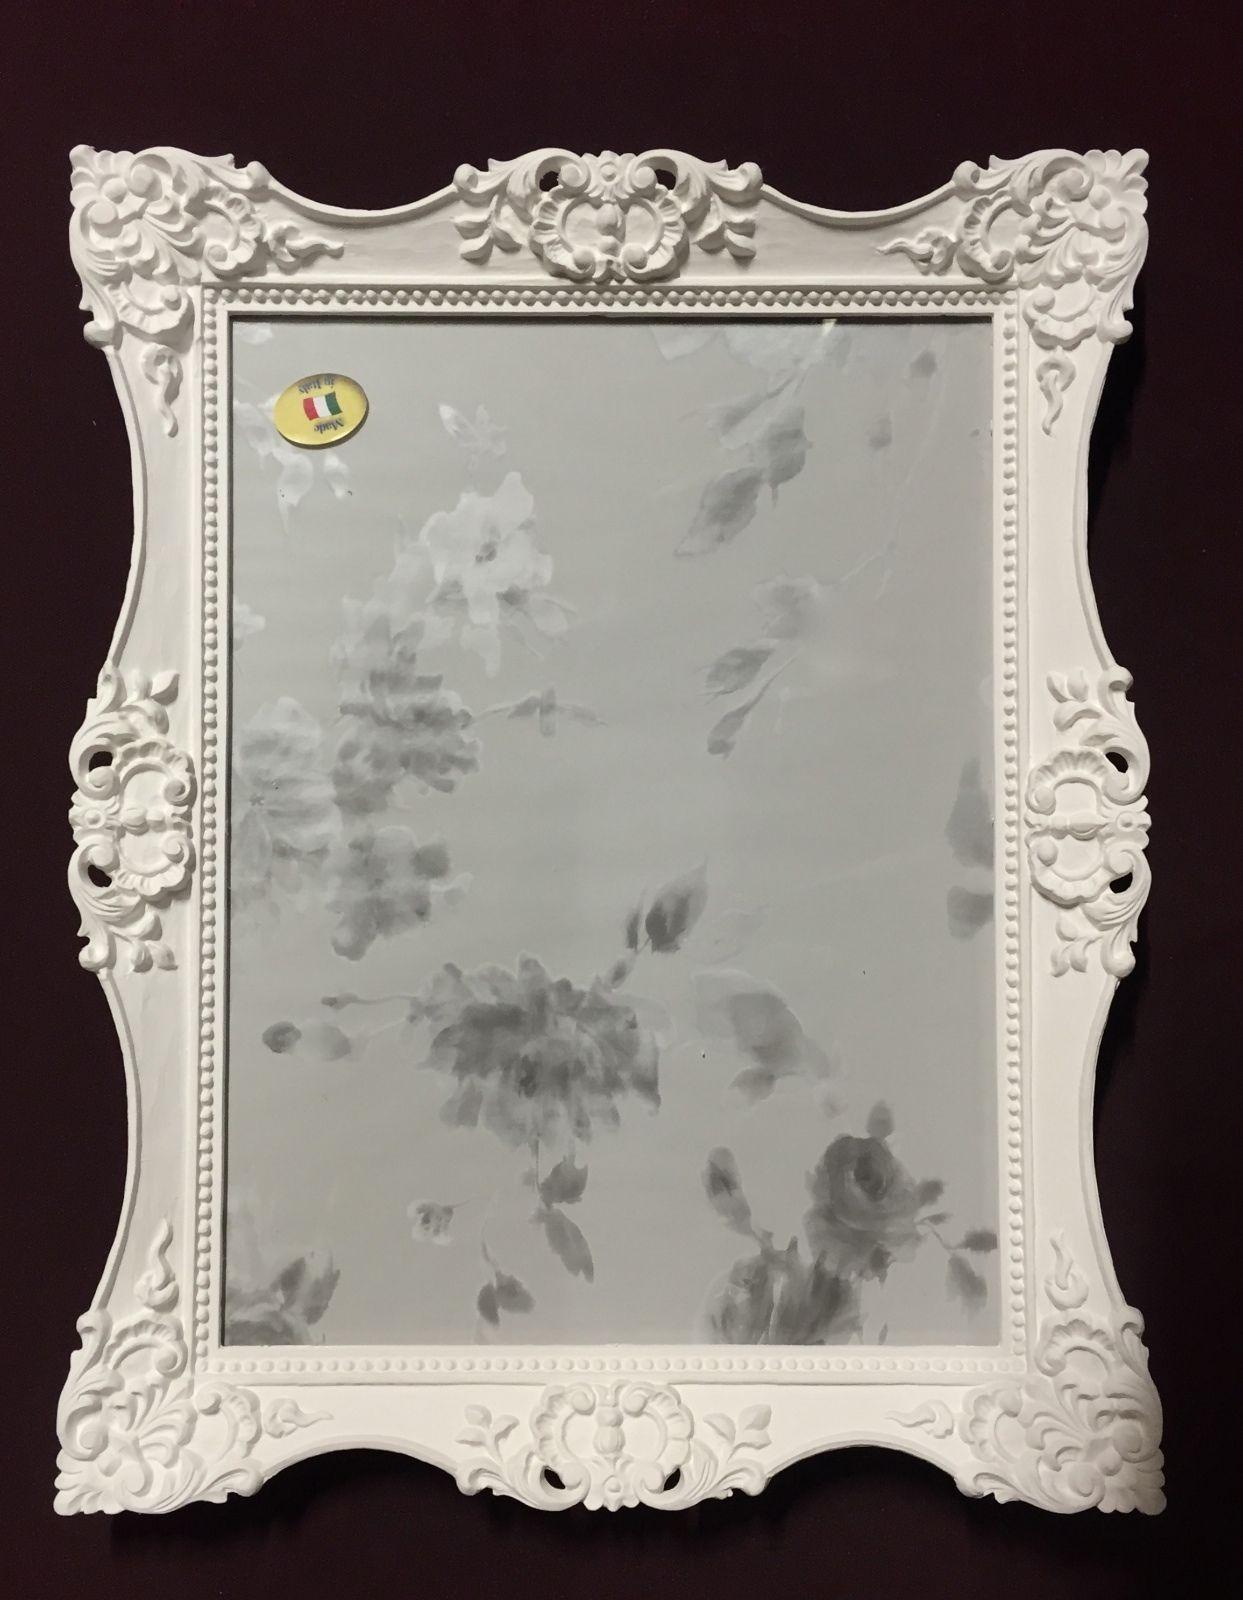 Bilderrahmen Weiß 30x24 Barock Hochzeitsrahmen-Fotorahmen Photoframe ...